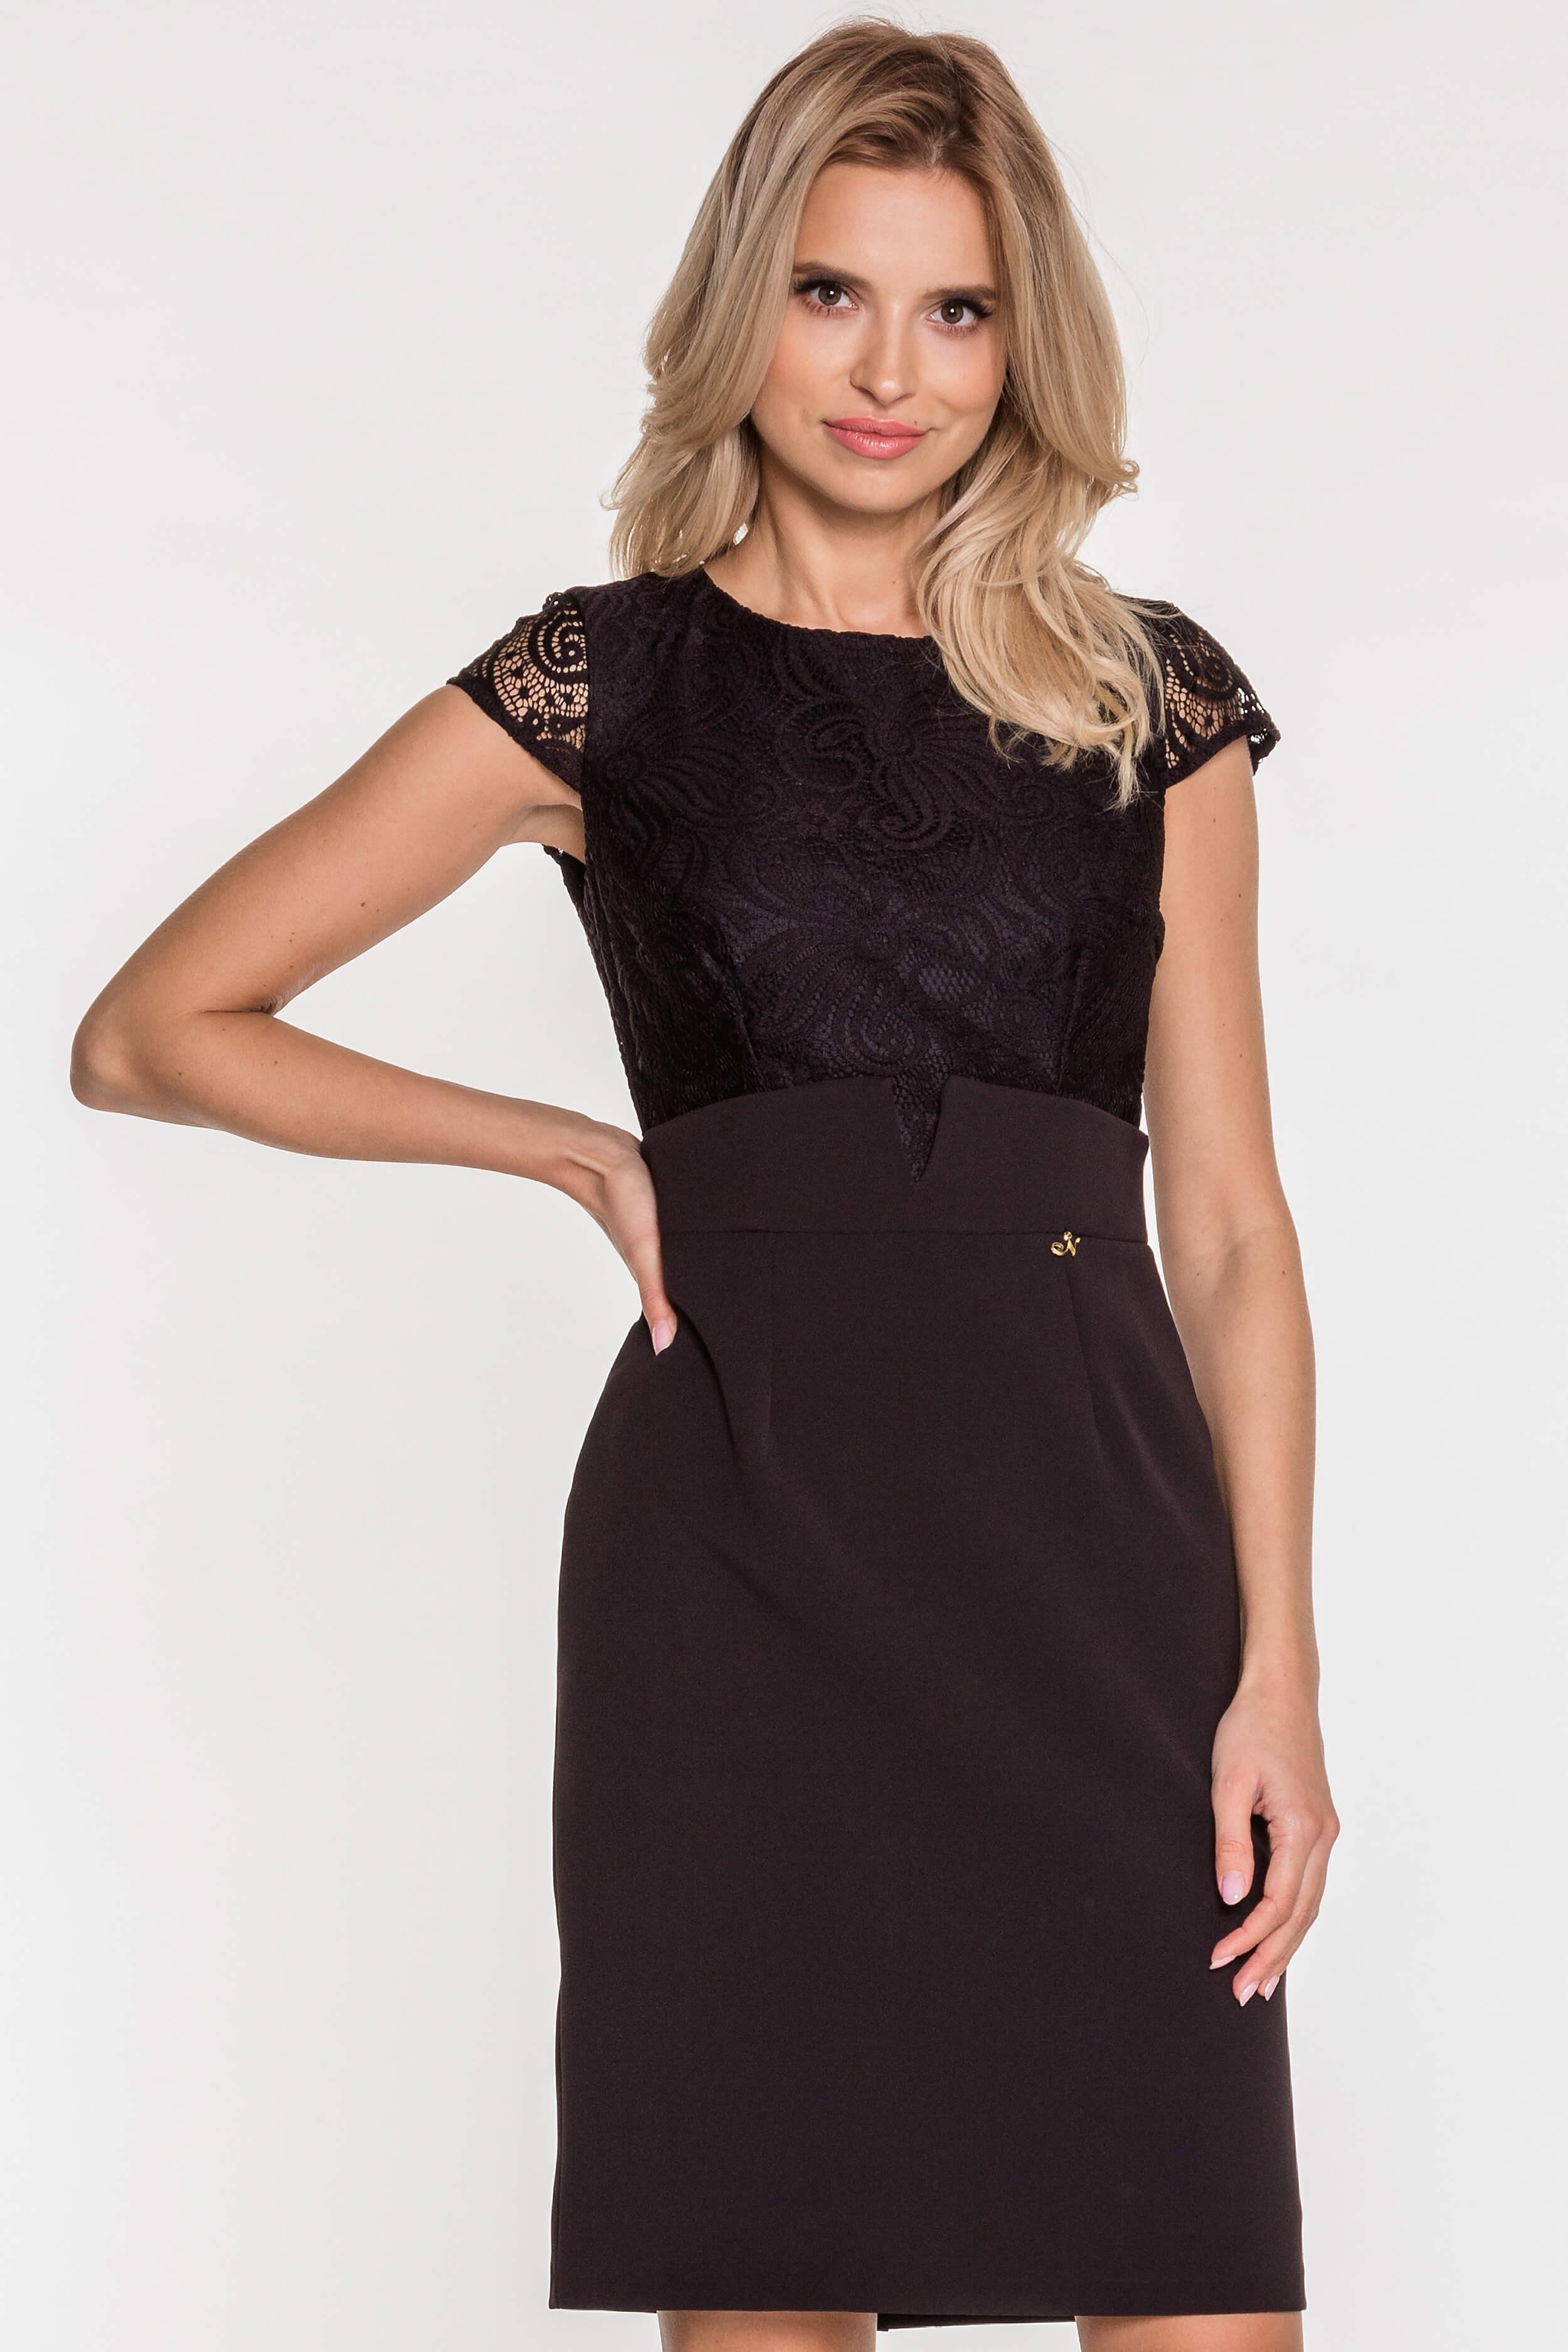 570cac0413 Dodatki do czarnej sukienki na wesele – jak ożywić czarną sukienkę ...